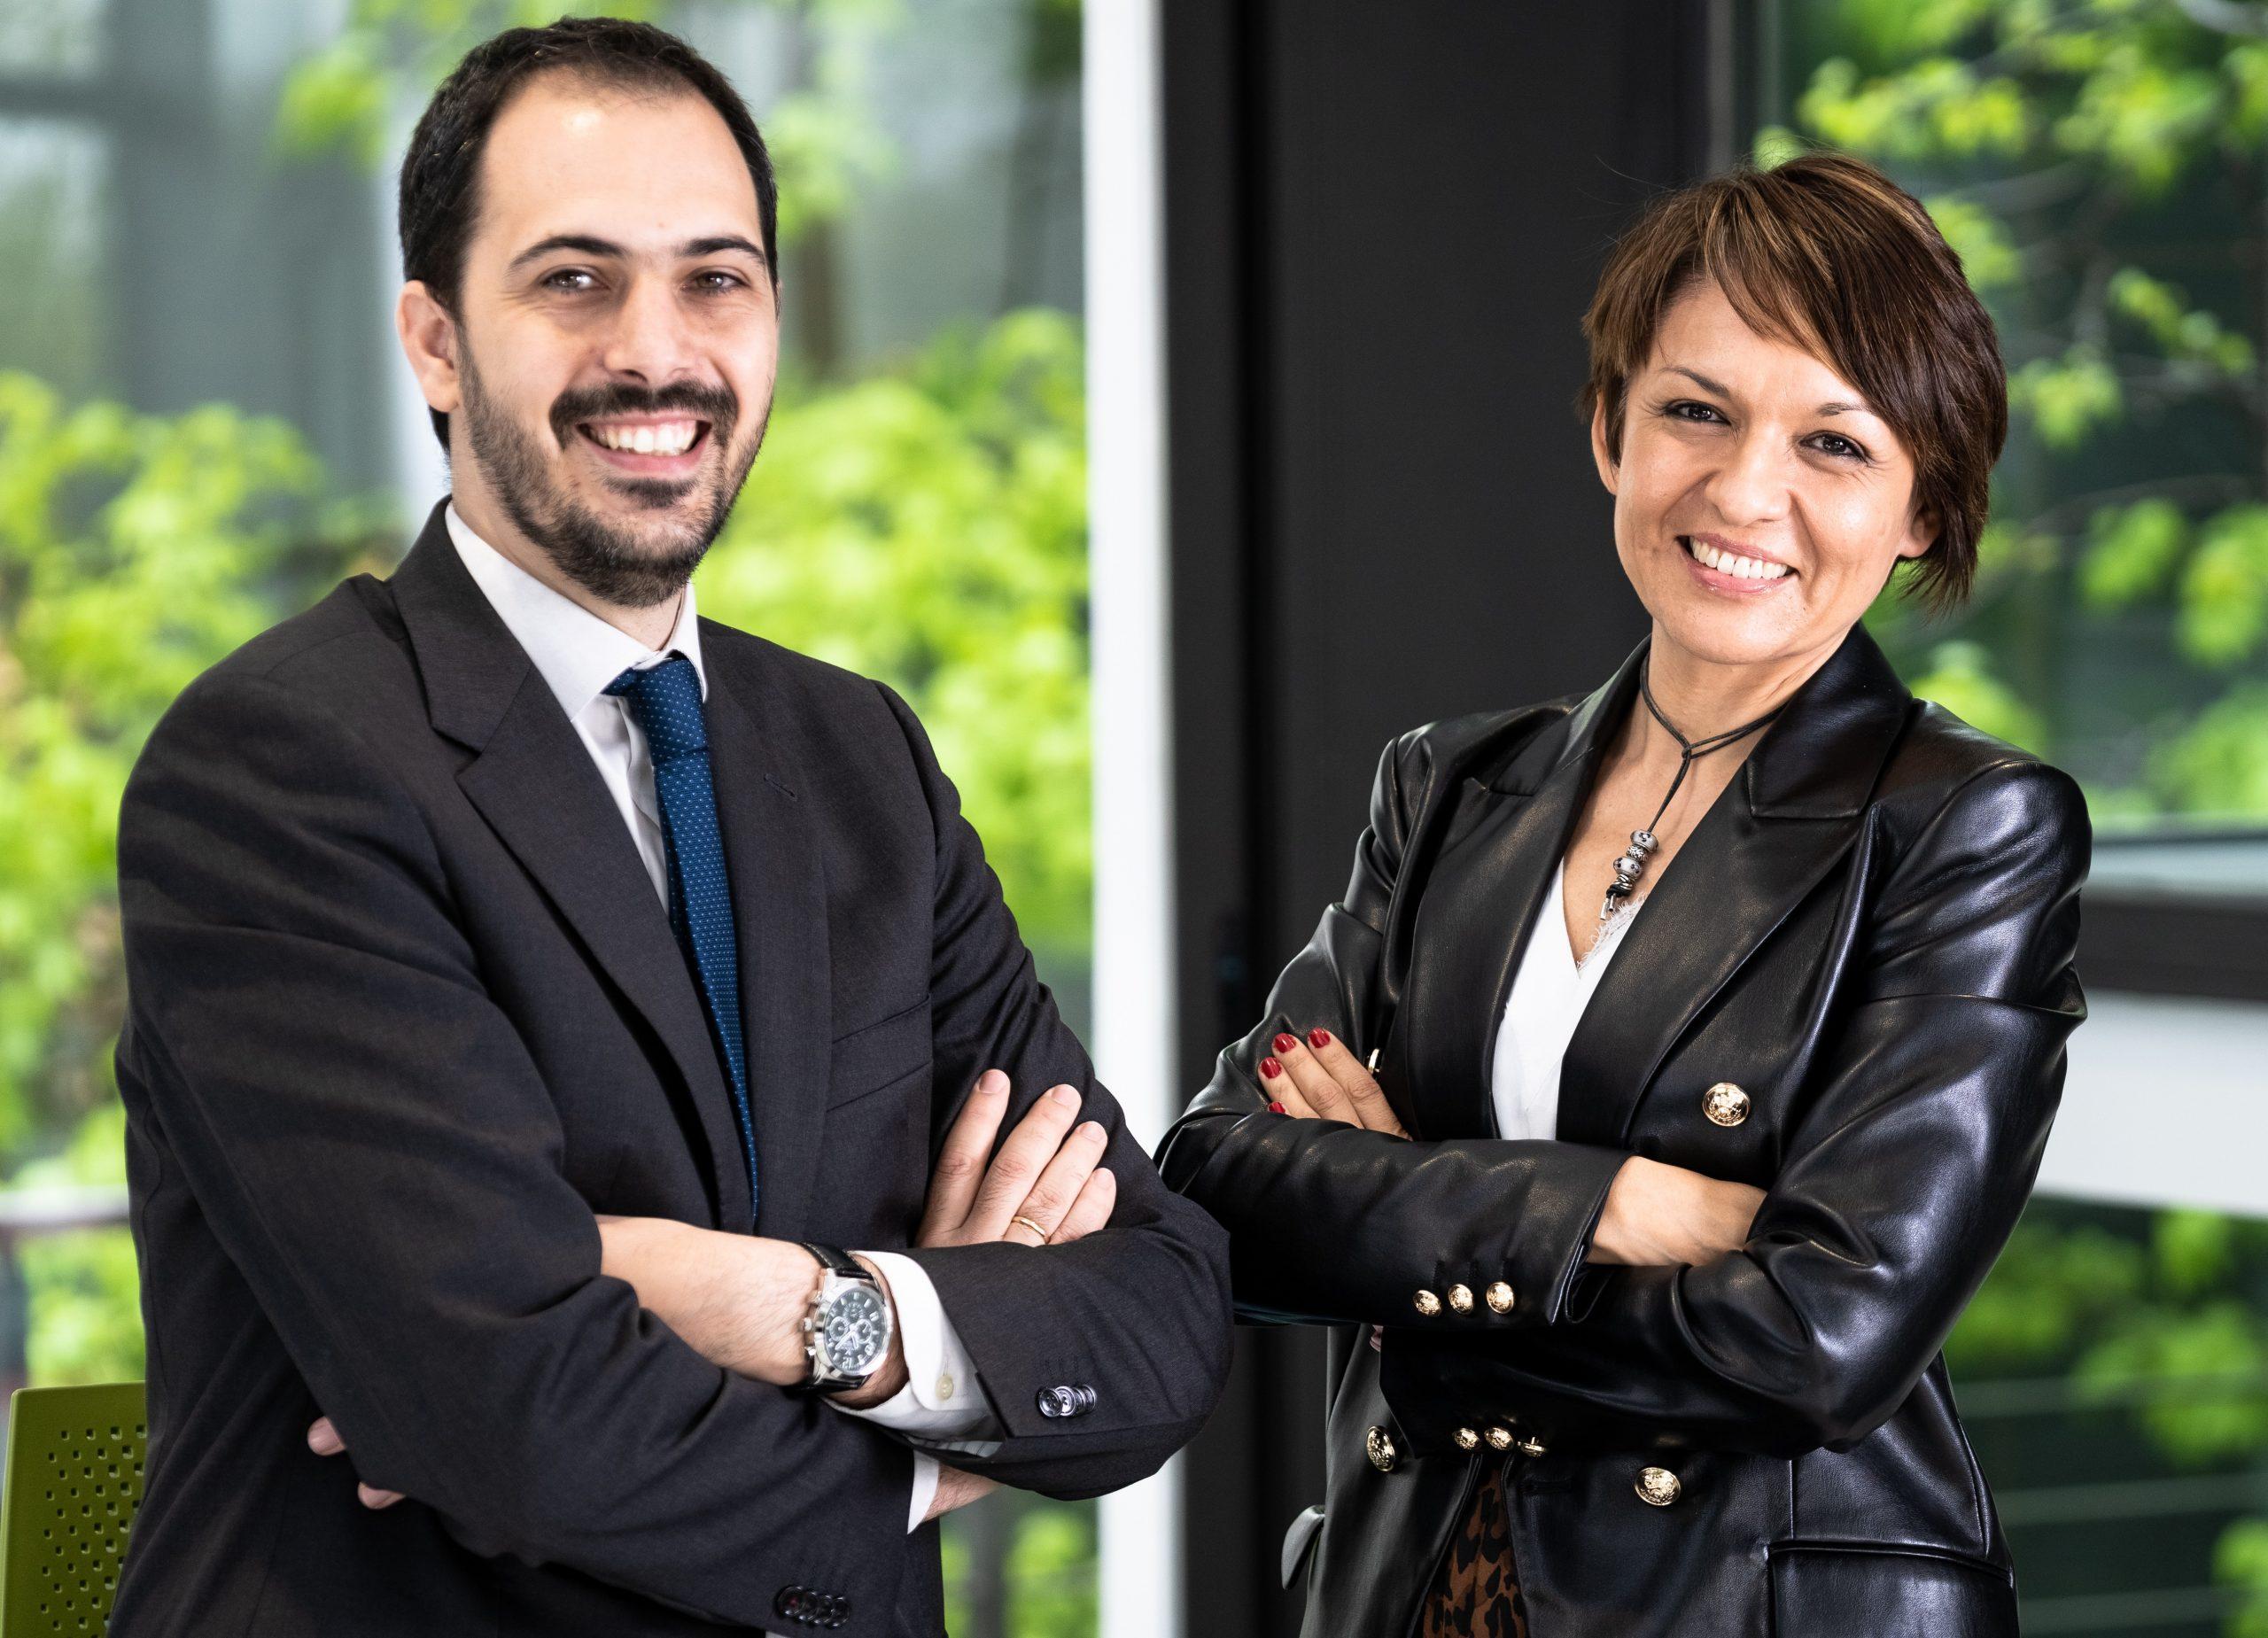 Nuevos fichajes en Alier Abogados: Silvia Palacios y Ricardo Fortún